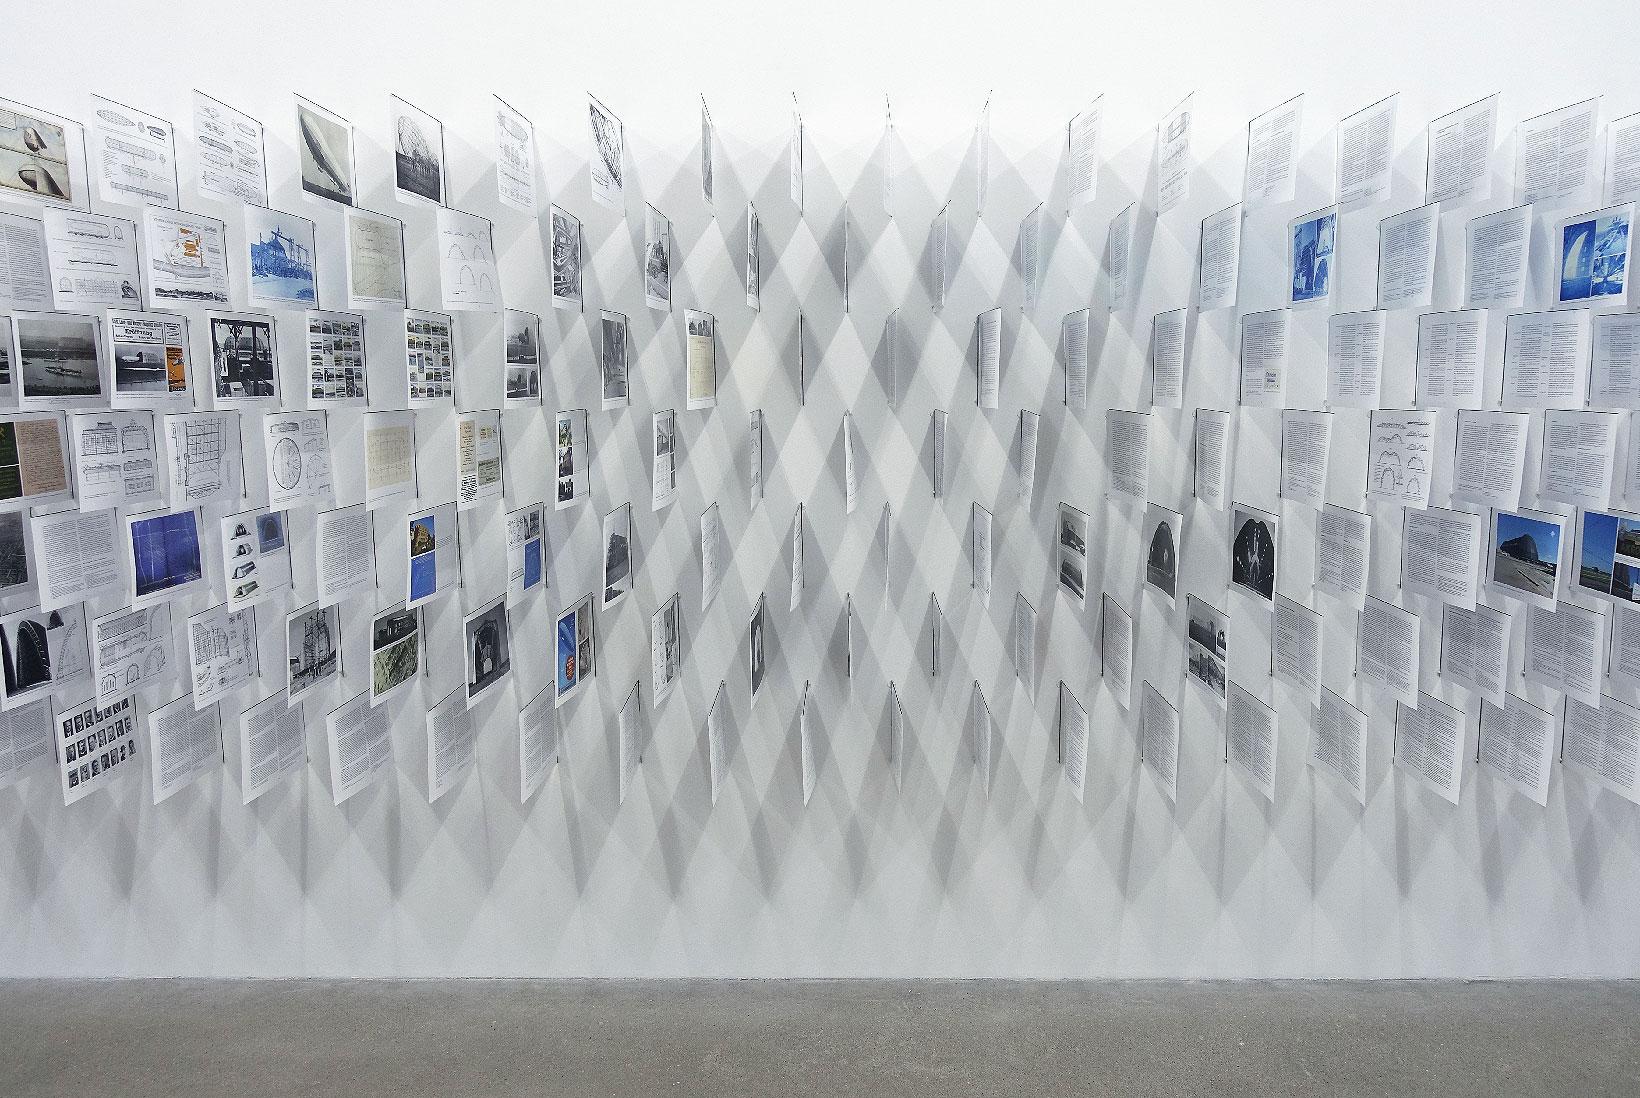 Ausstellung zur Verschmelzung von Kunst und Technik zum Ingenieurkunstwerk